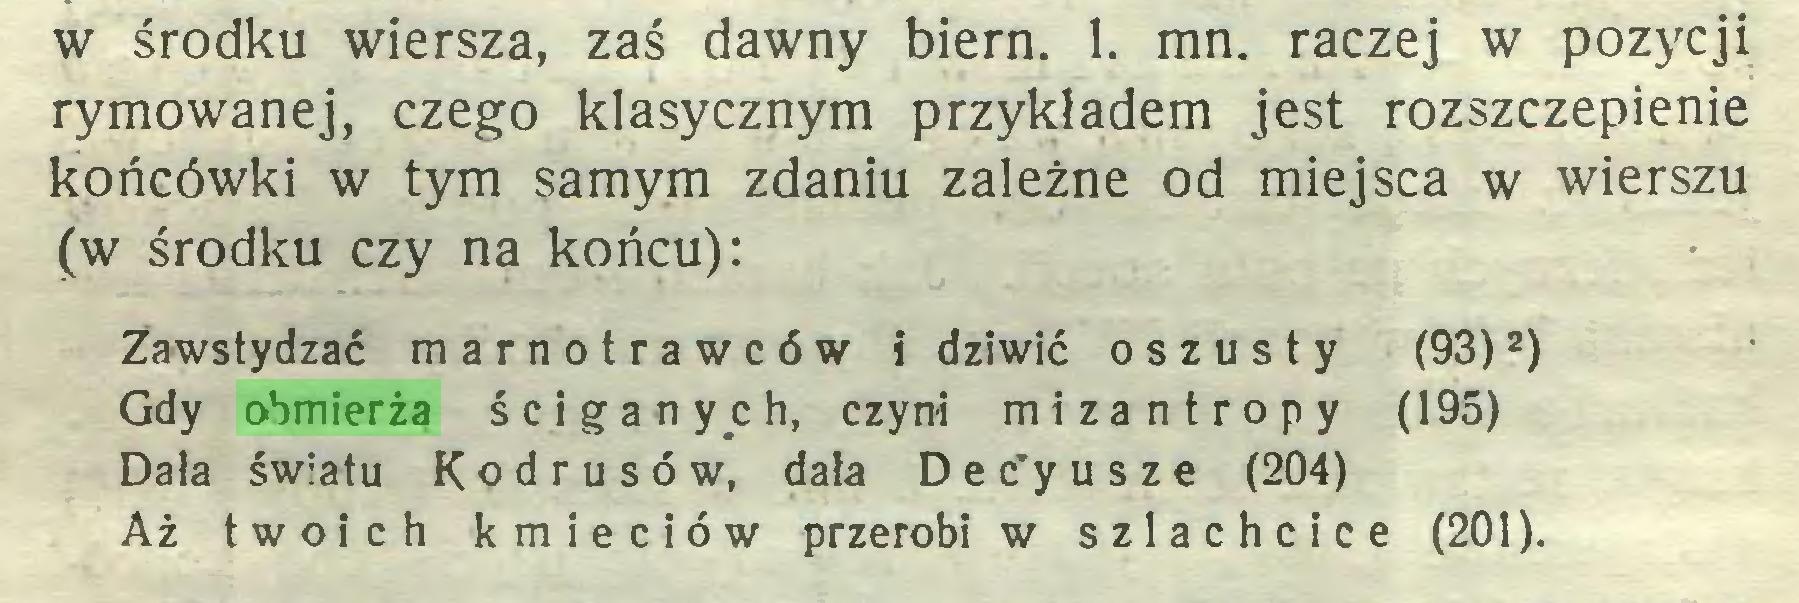 (...) w środku wiersza, zaś dawny biern. 1. mn. raczej w pozycji rymowanej, czego klasycznym przykładem jest rozszczepienie końcówki w tym samym zdaniu zależne od miejsca w wierszu (w środku czy na końcu): Zawstydzać marnotrawców i dziwić oszust y (93)2) Gdy obmierza ściganych, czyni mizantropy (195) Dala światu Kodrusów, dała D e c'y u s z e (204) Aż twoich kmieciów przerobi w szlachcice (201)...